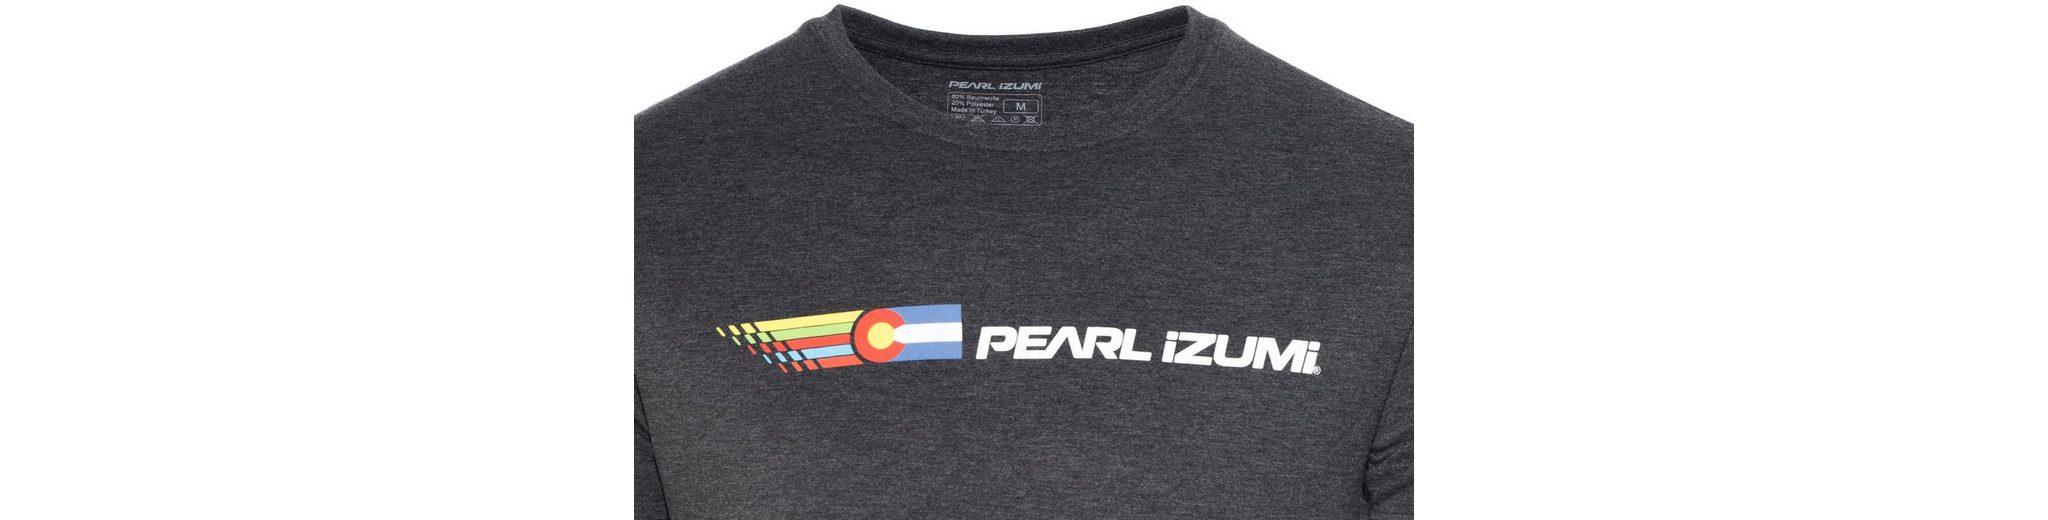 100% Authentisch Verkauf Online Spielraum Manchester Pearl Izumi T-Shirt Promo T-Shirt Men Auslass Erstaunlicher Preis Outlet Brandneue Unisex WO6FKp9